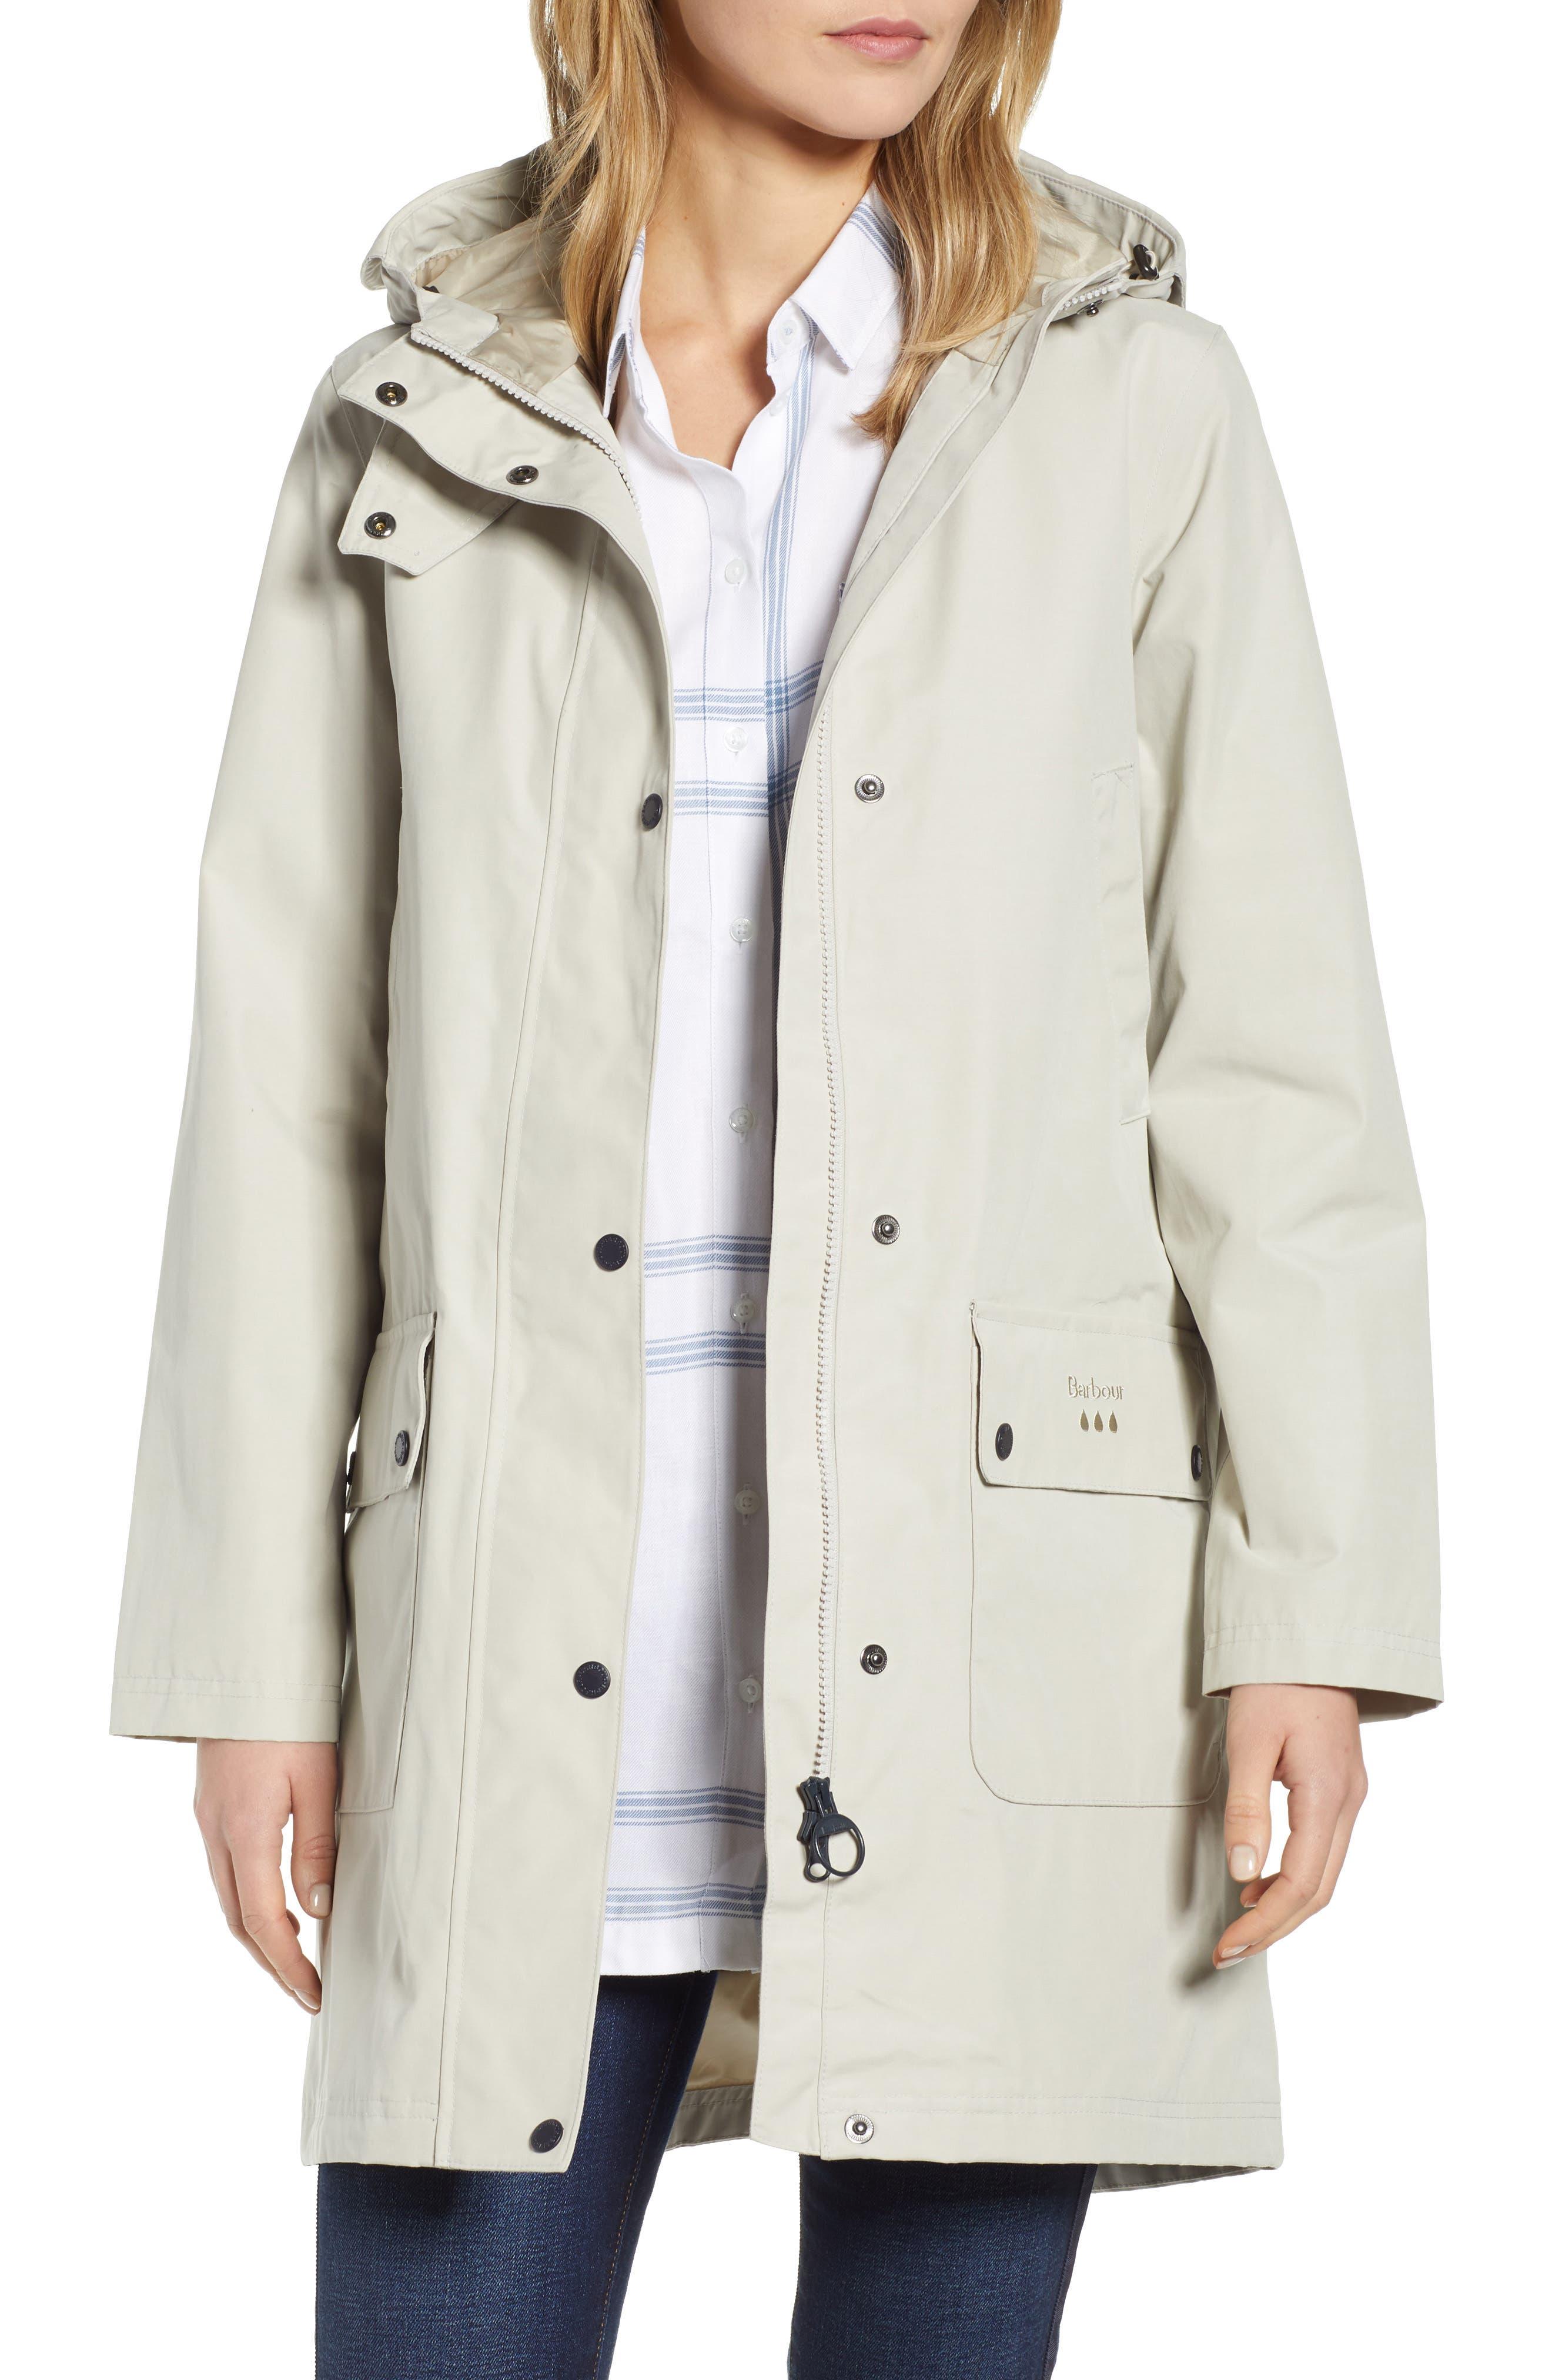 Barbour Barogram Waterproof Hooded Jacket, US / 8 UK - Grey